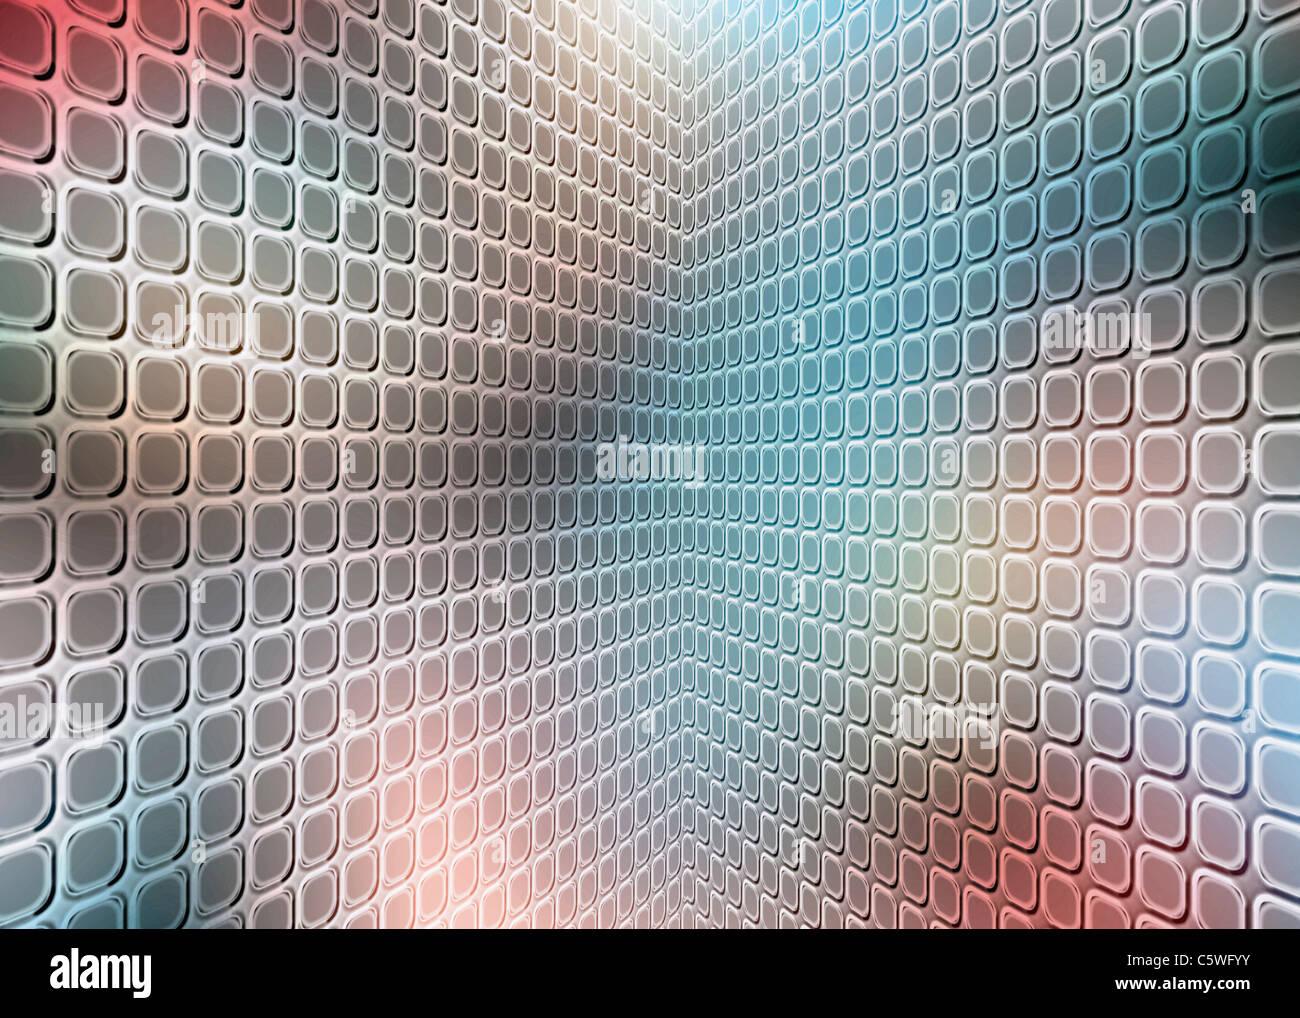 Perspektive-Kachel, full-frame Stockbild